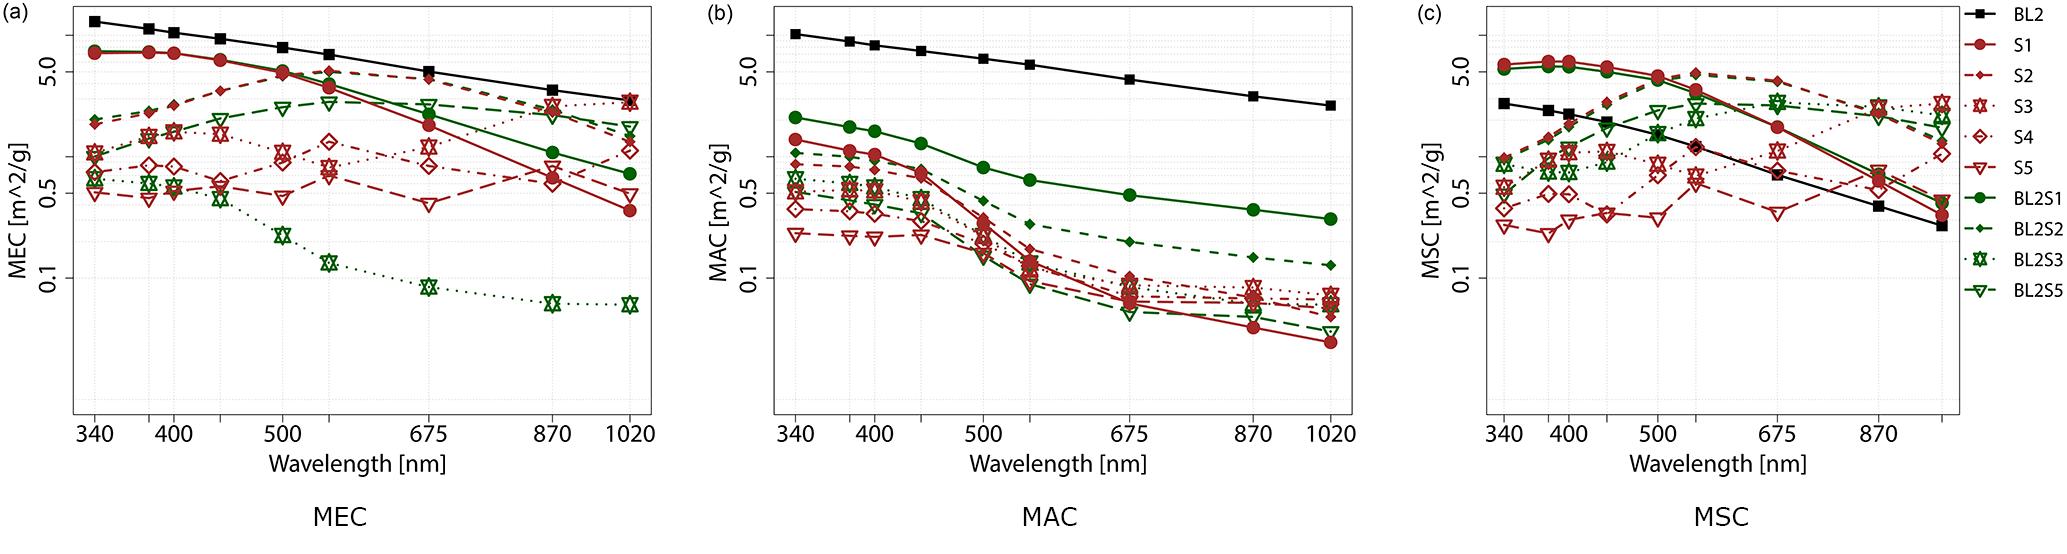 Picoc 0.92 for mac